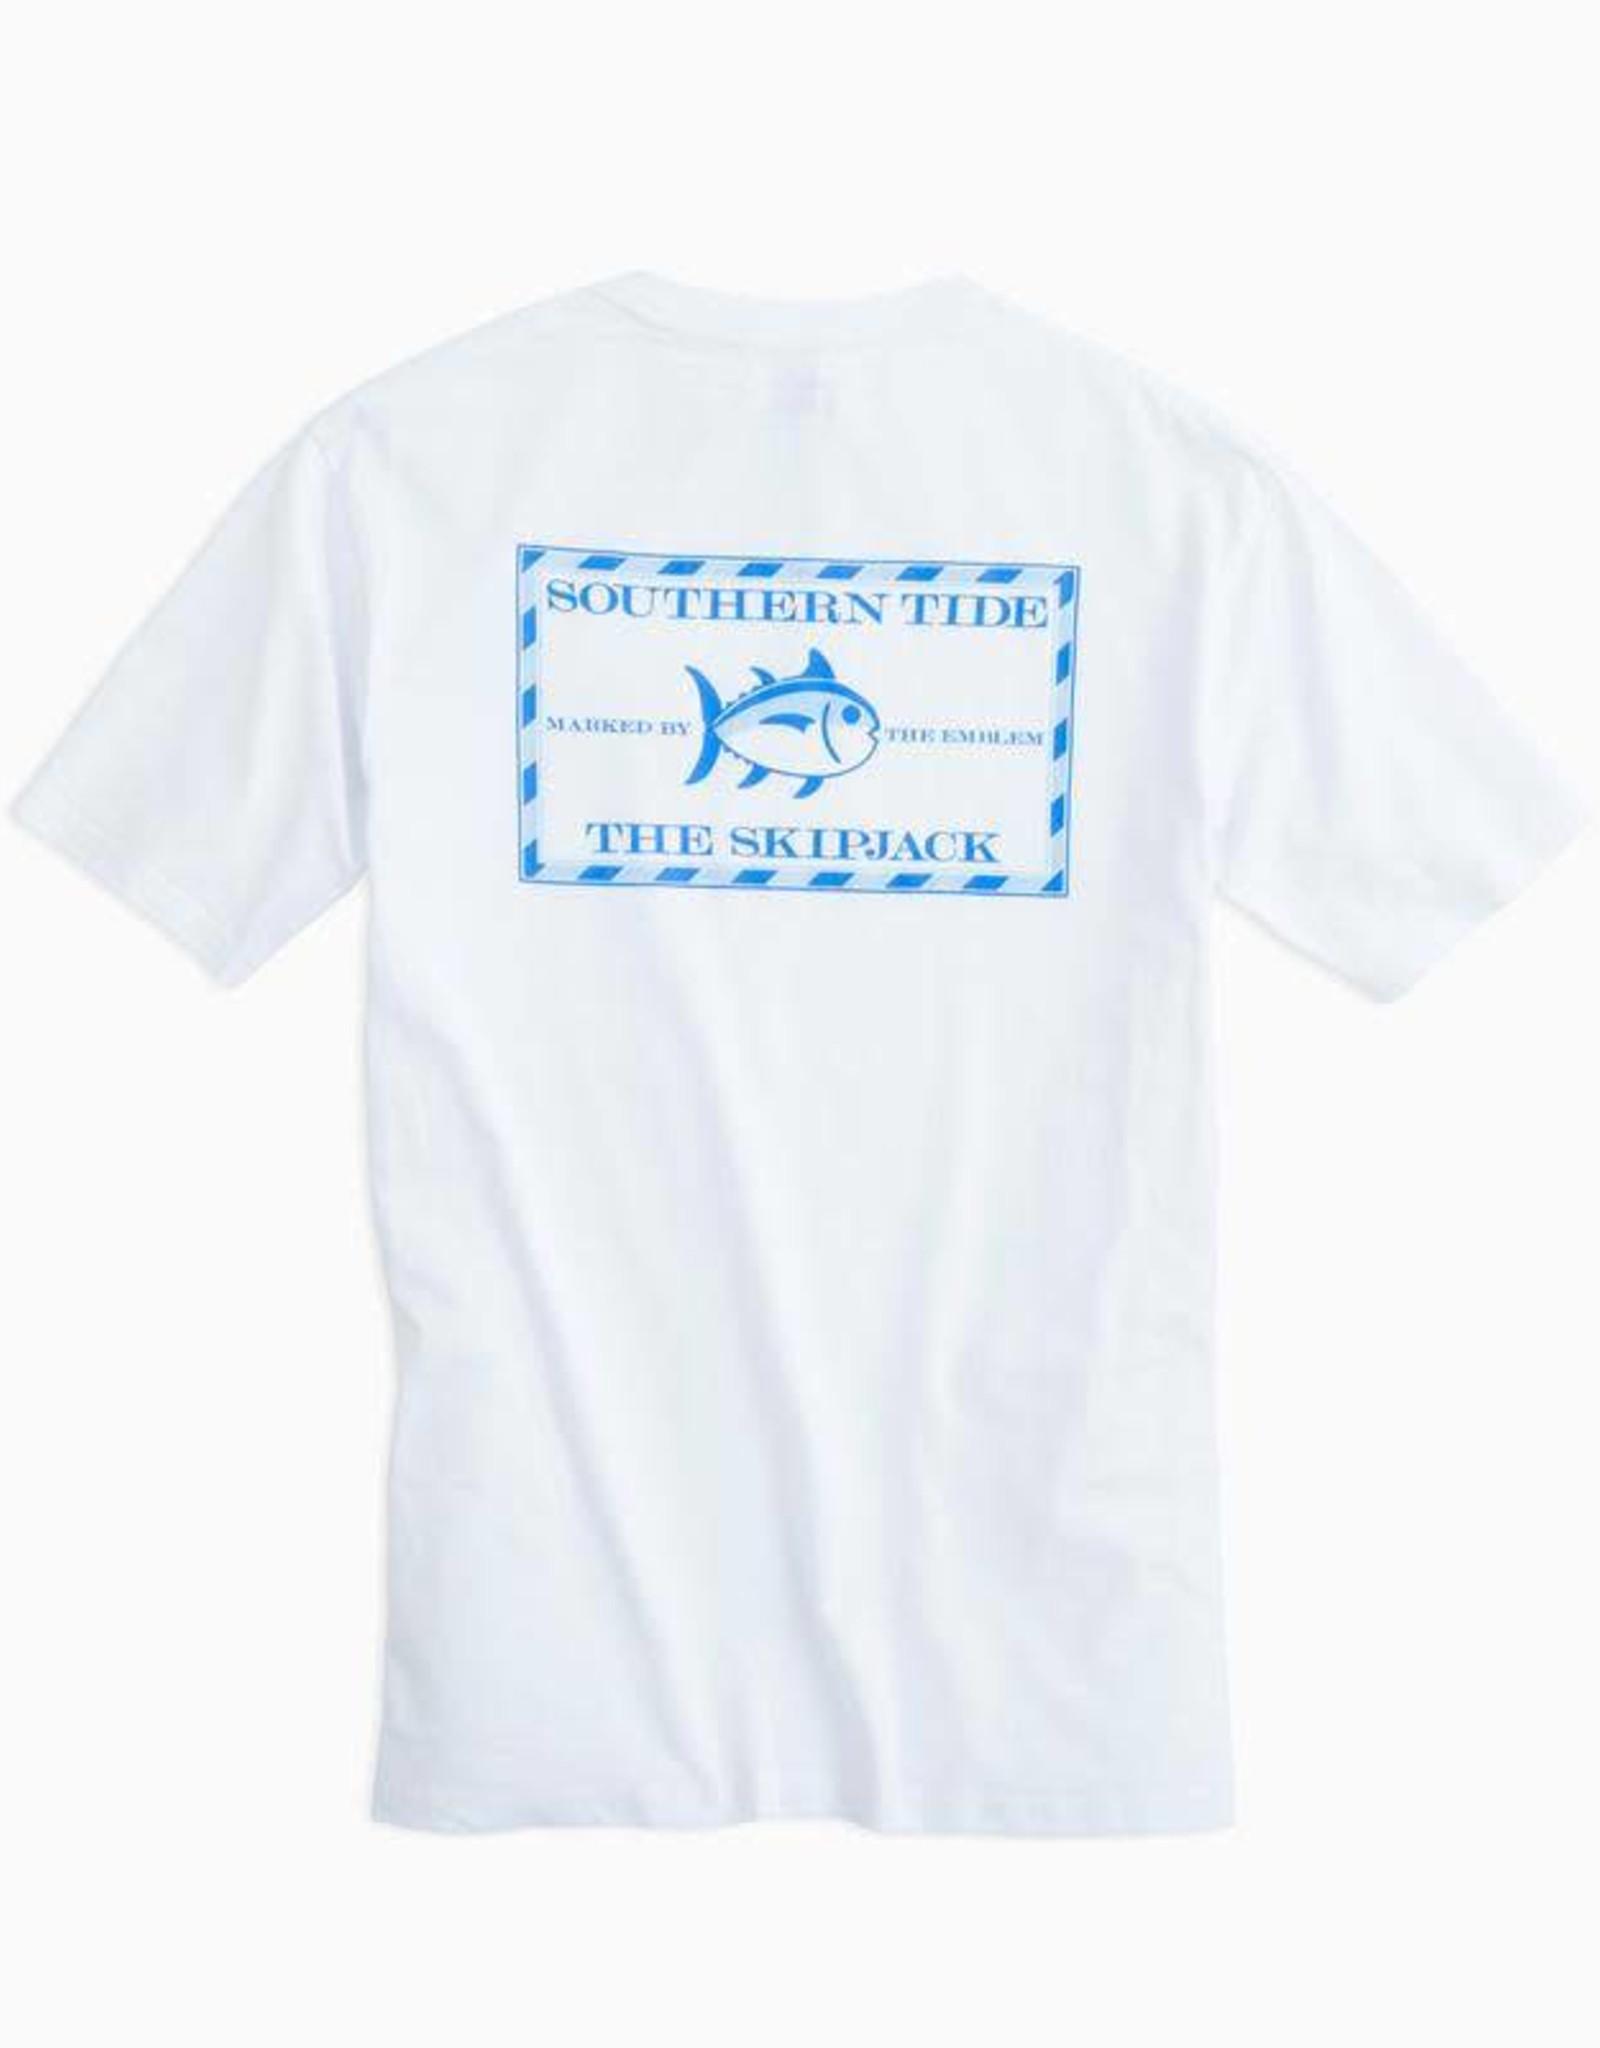 Southern Tide Original Skipjack Short Sleeve T-Shirt